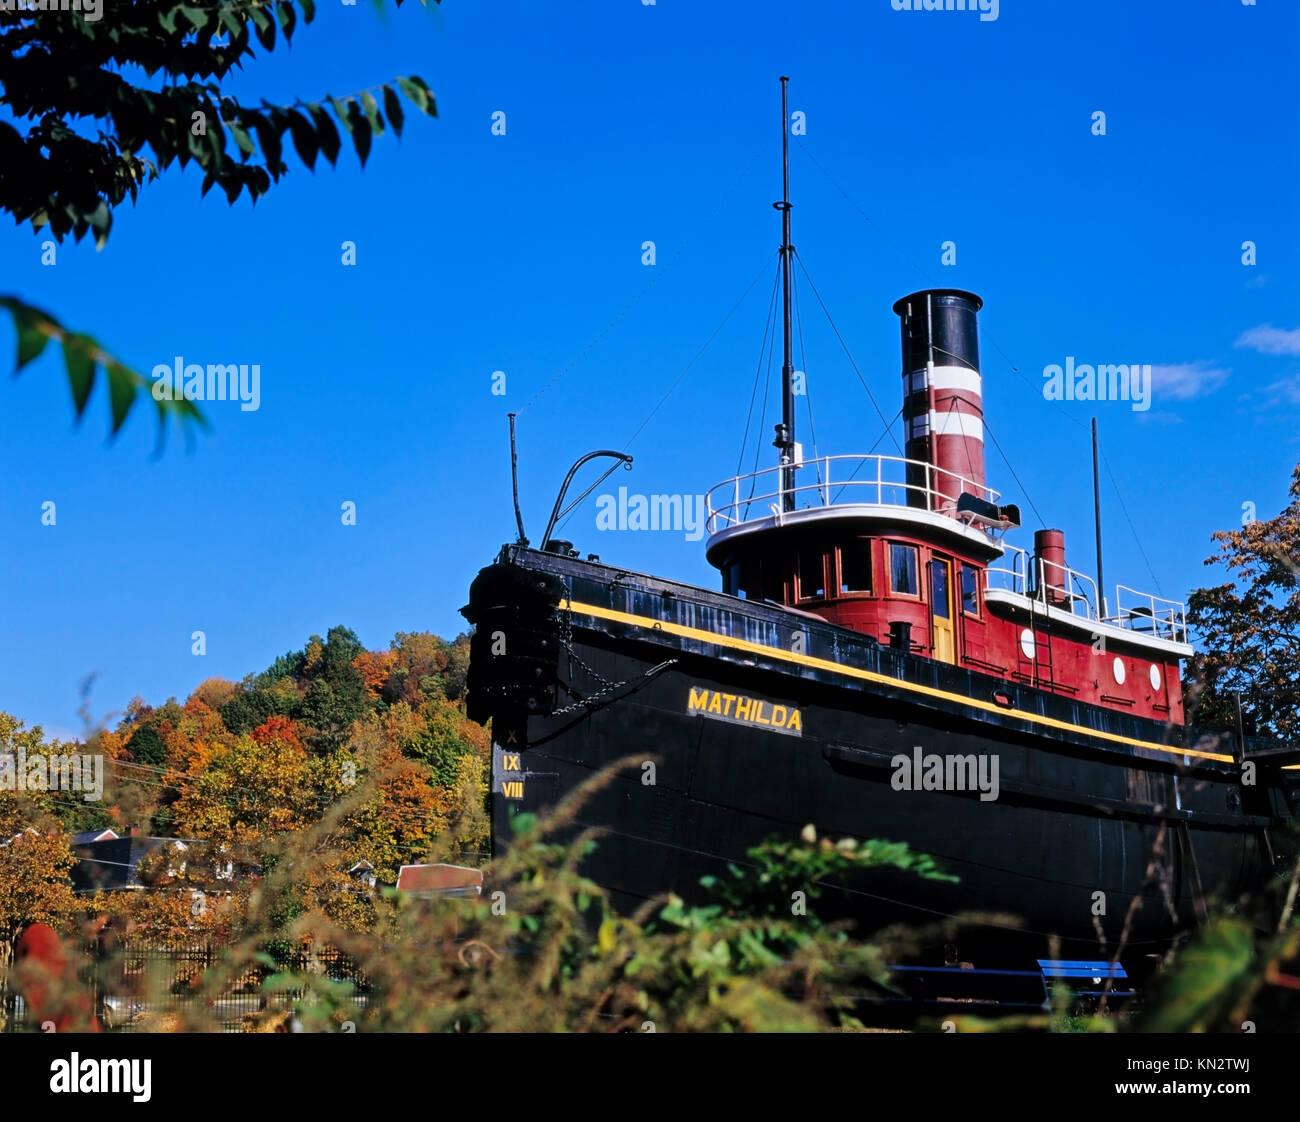 Hudson River Cruises Kingston Ny: Classic Tug Boat Stock Photos & Classic Tug Boat Stock